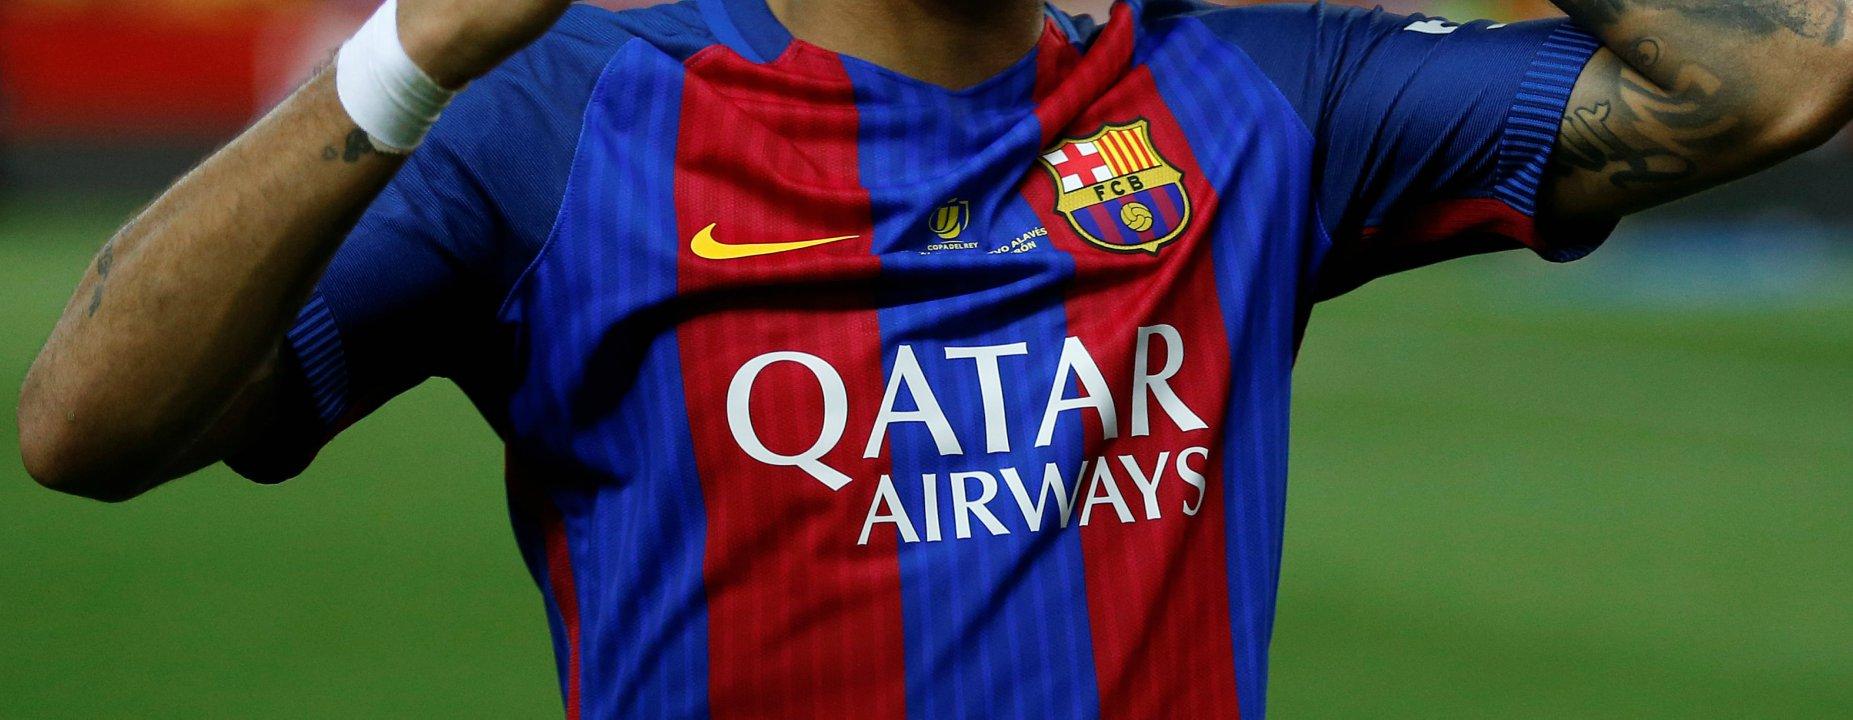 El FC Barcelona anunció oficialmente los uniformes de la próxima temporada y además indicó que los mismos saldrán a la venta el 1 de junio